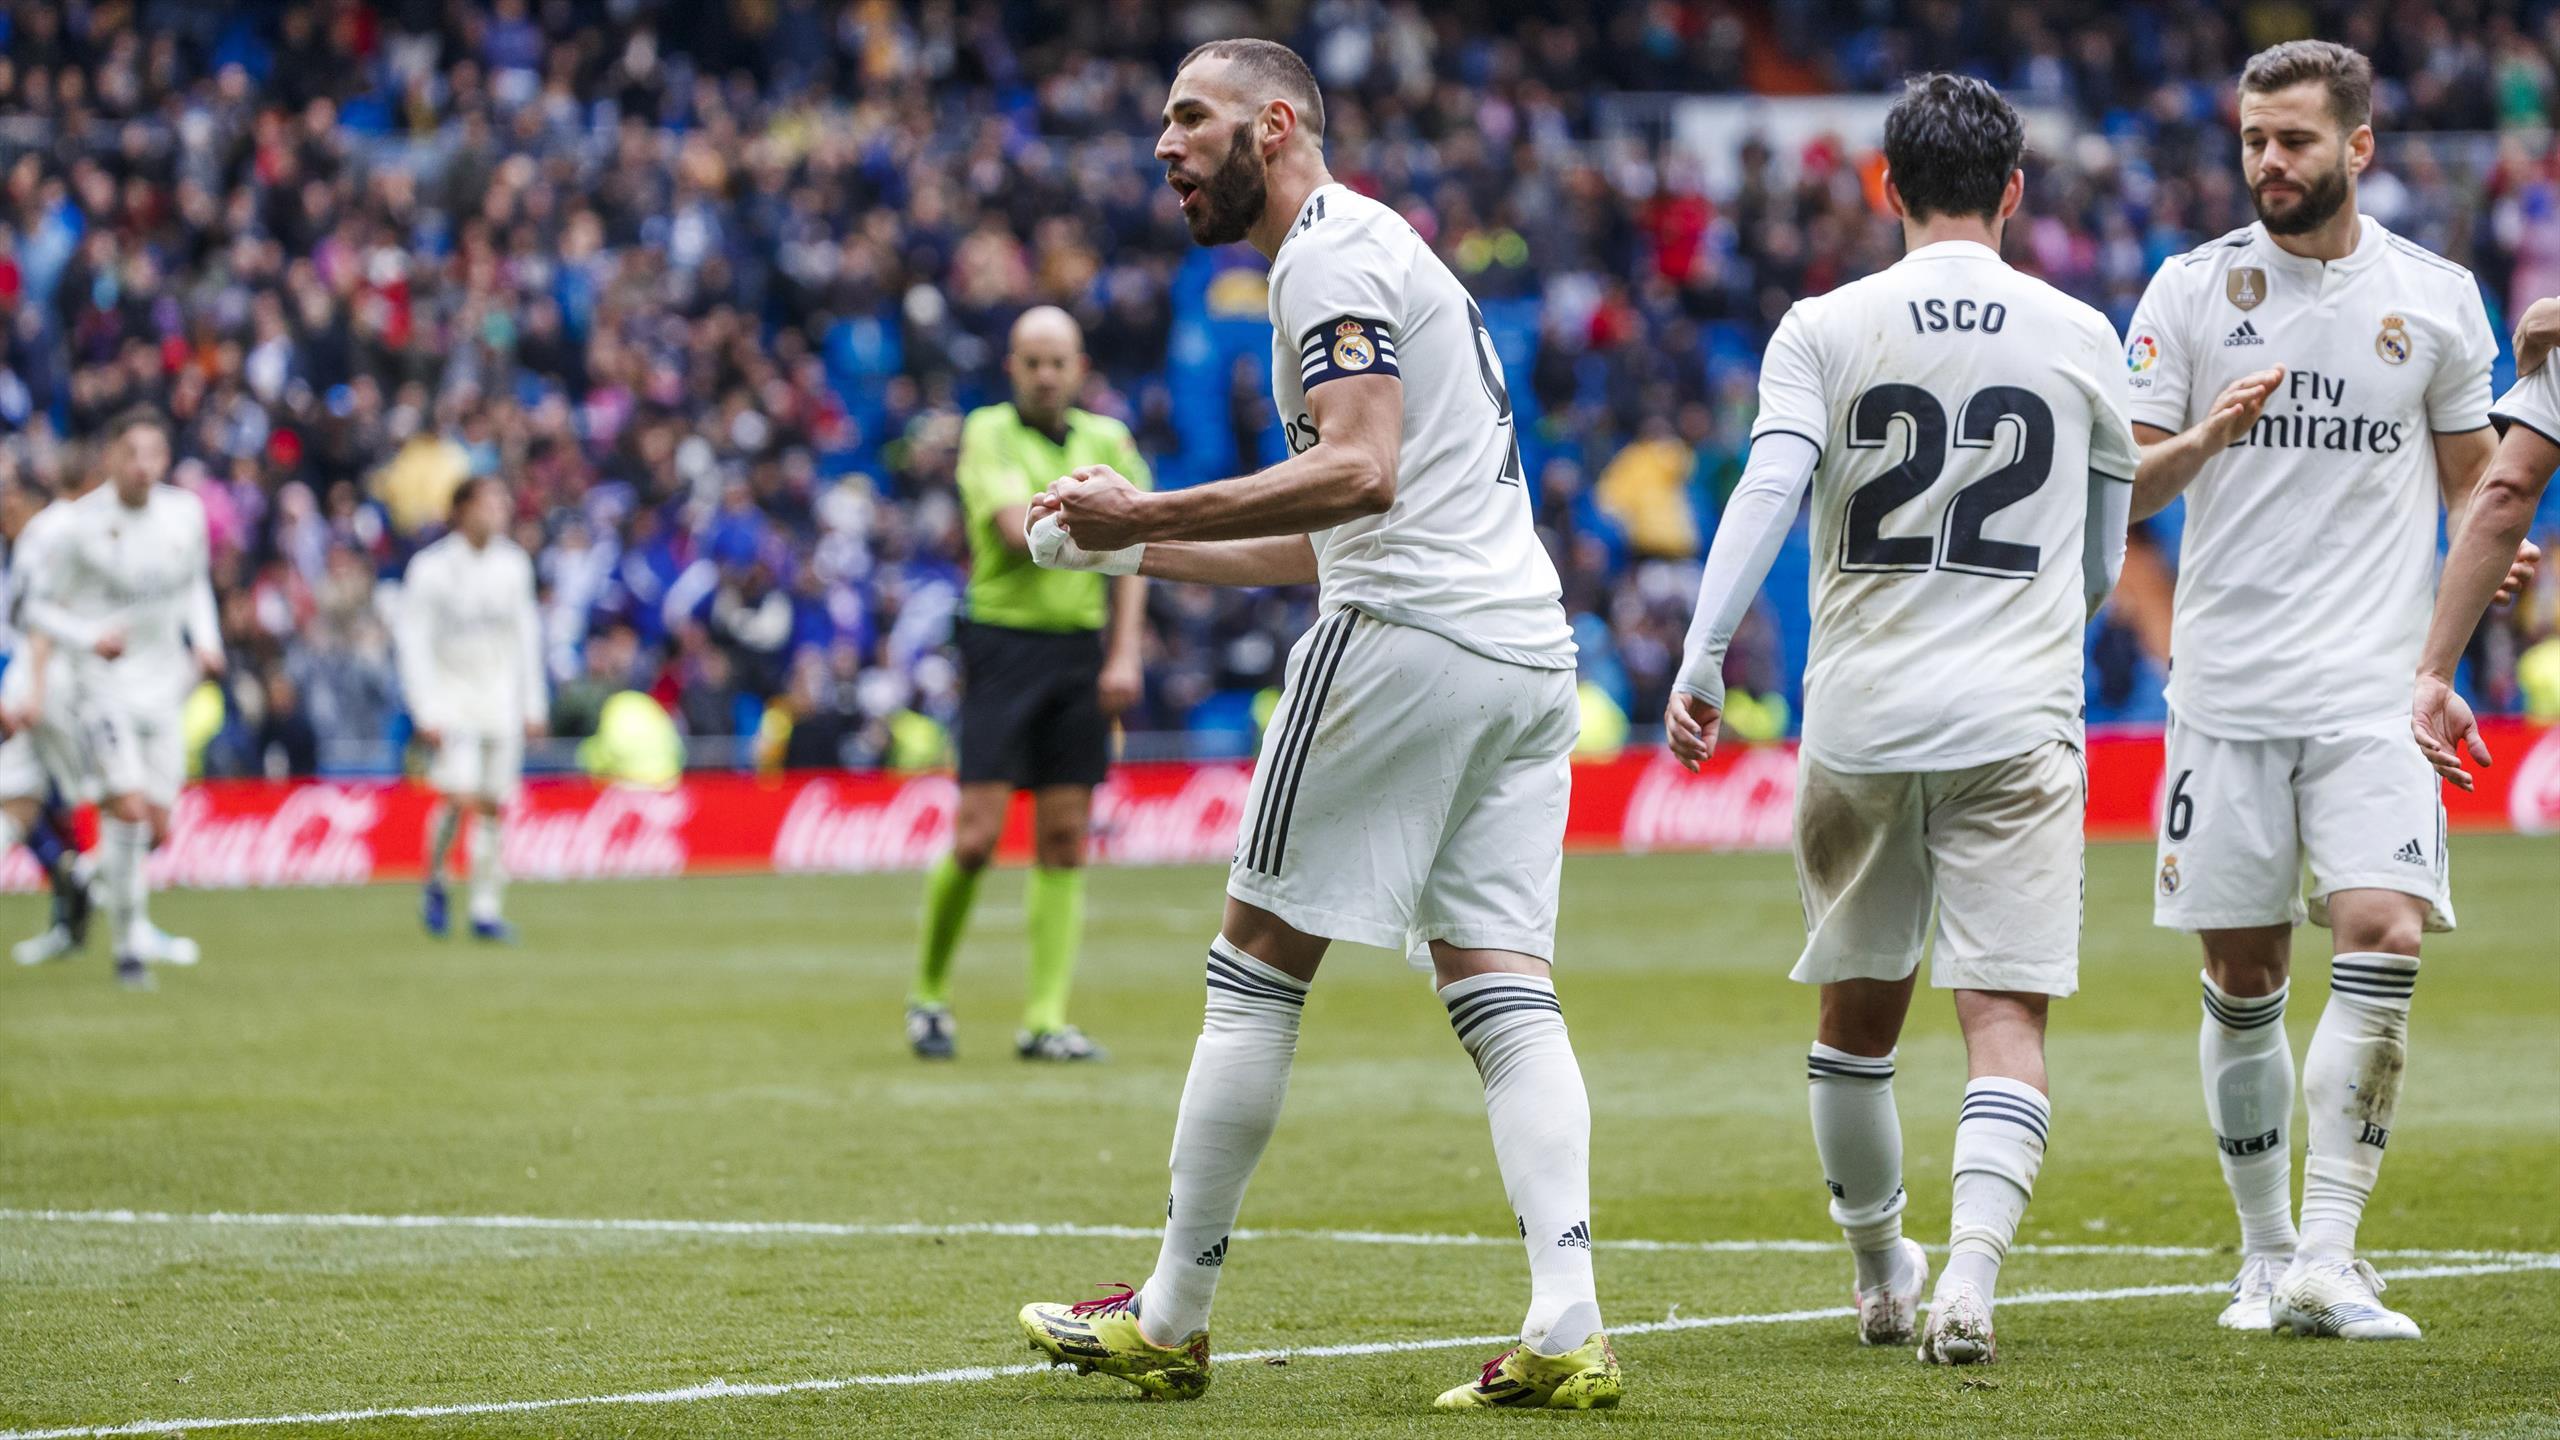 Real Madrid: Neuer Ausrüster Vertag mit Adidas über 1,6